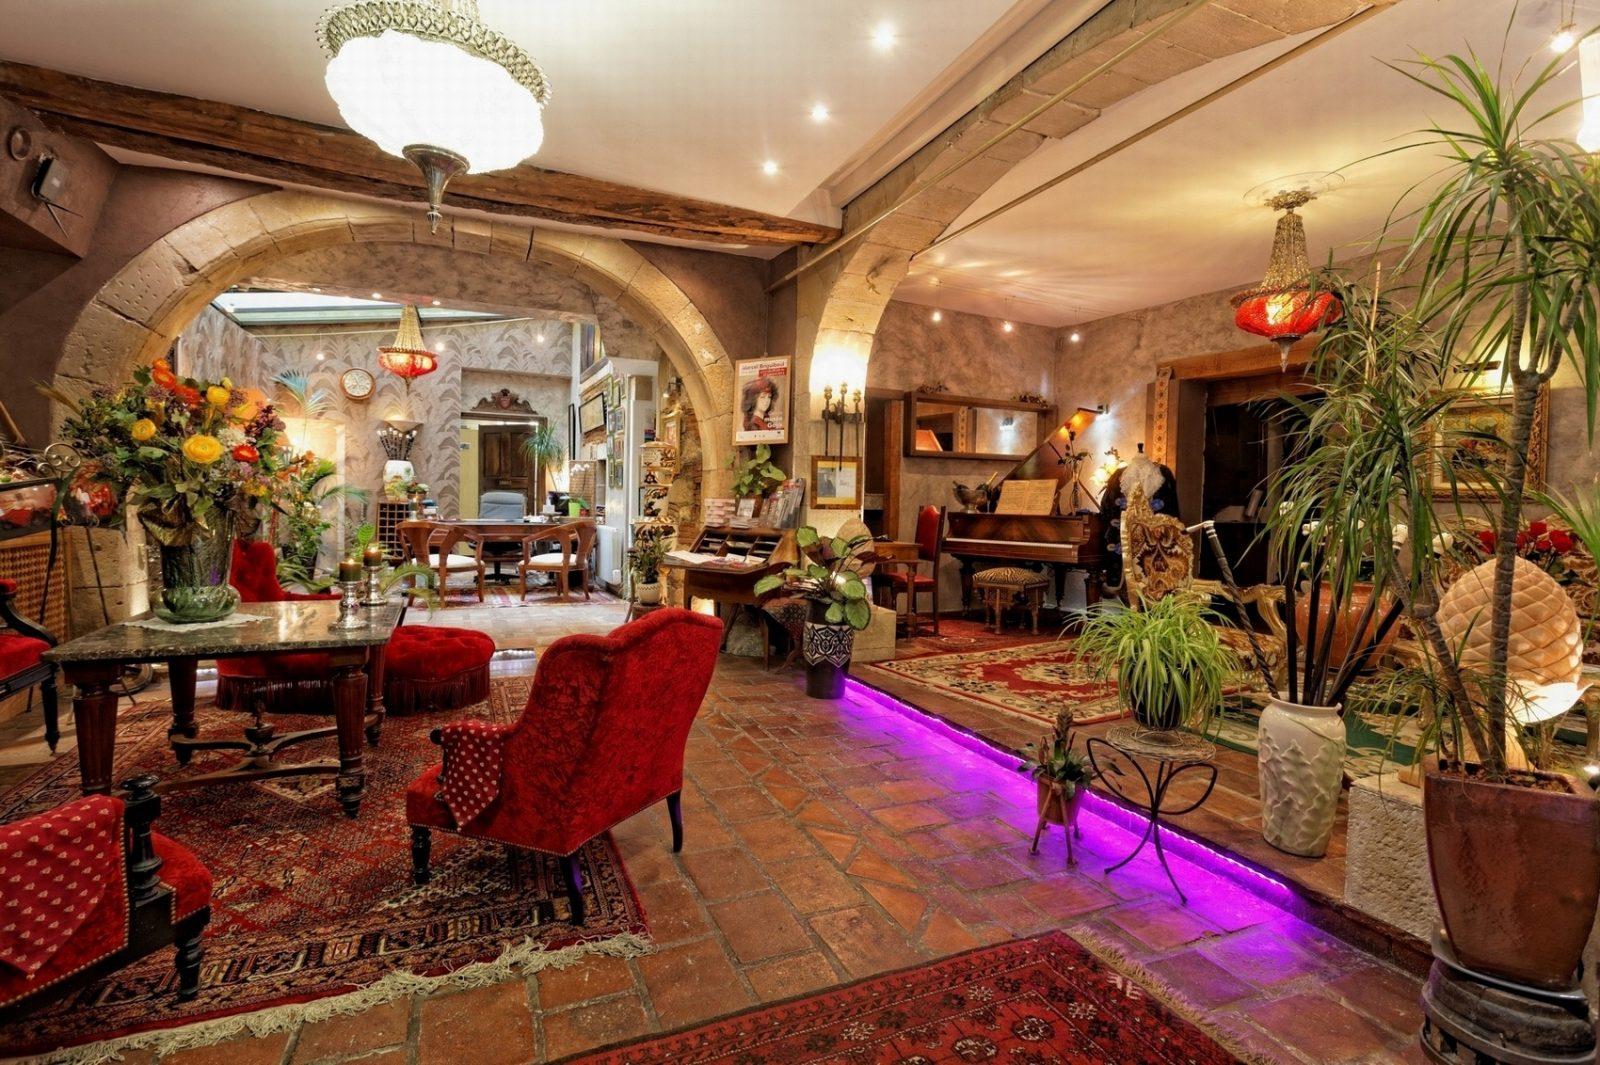 Hotel Renaissance-Lobby